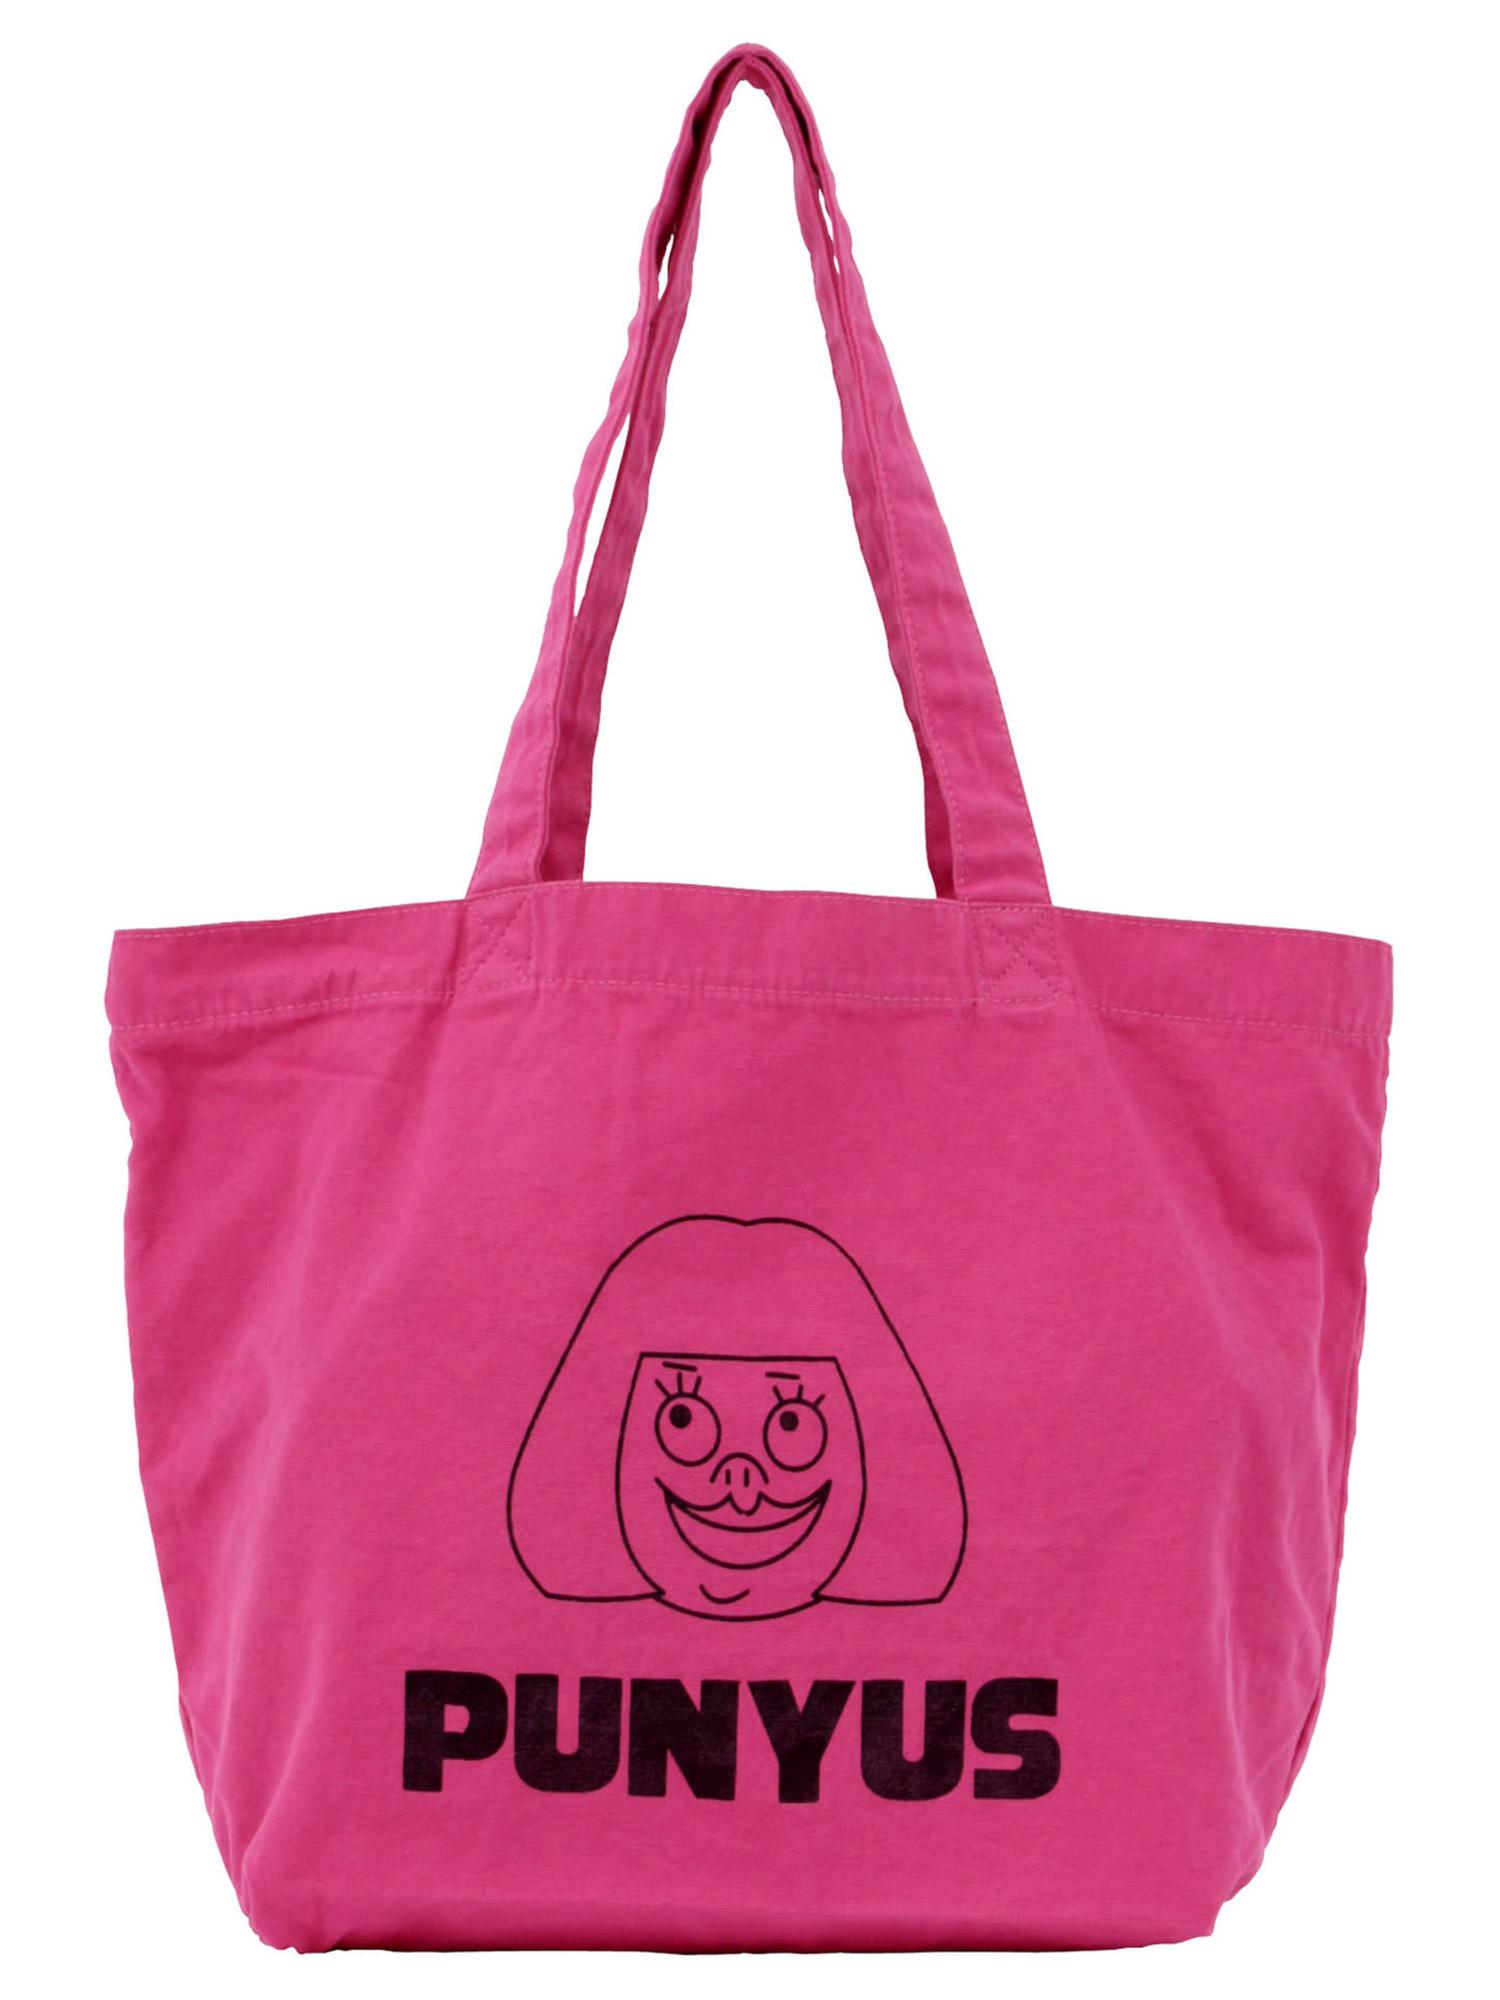 PUNYUS/カラートート